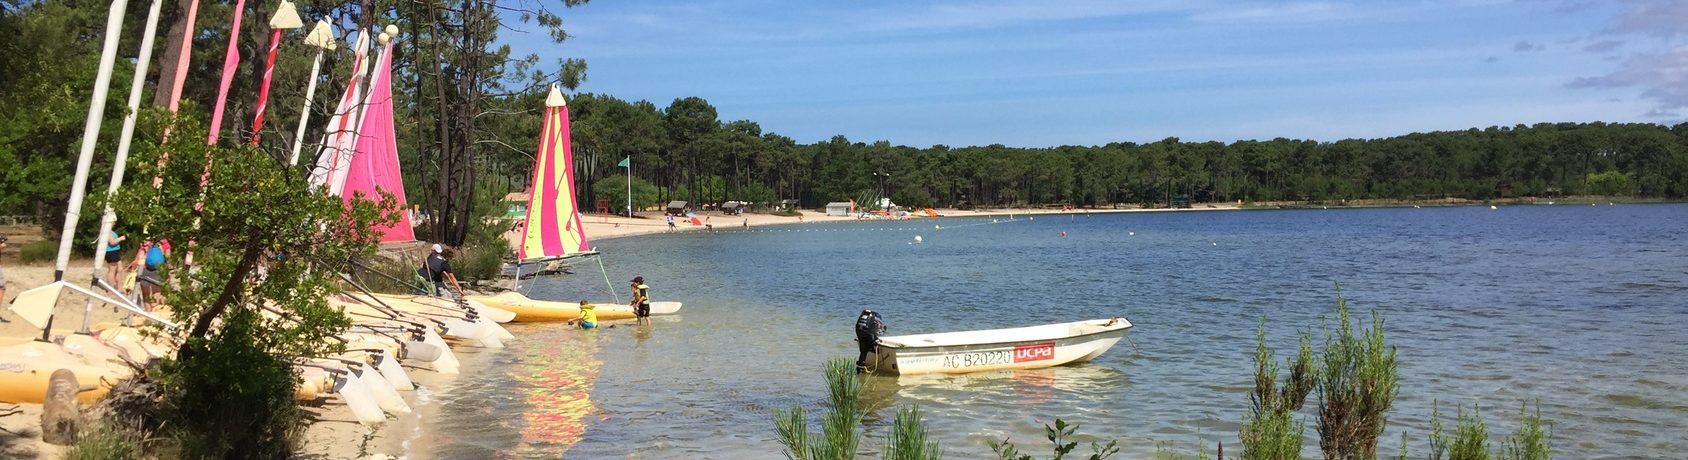 Camping Huttopia Lac de Carcans in Carcans is een natuurcamping in Nouvelle-Aquitaine gelegen aan zee aan de Atlantische kust van Gironde op enkele kilometers van Lacanau.